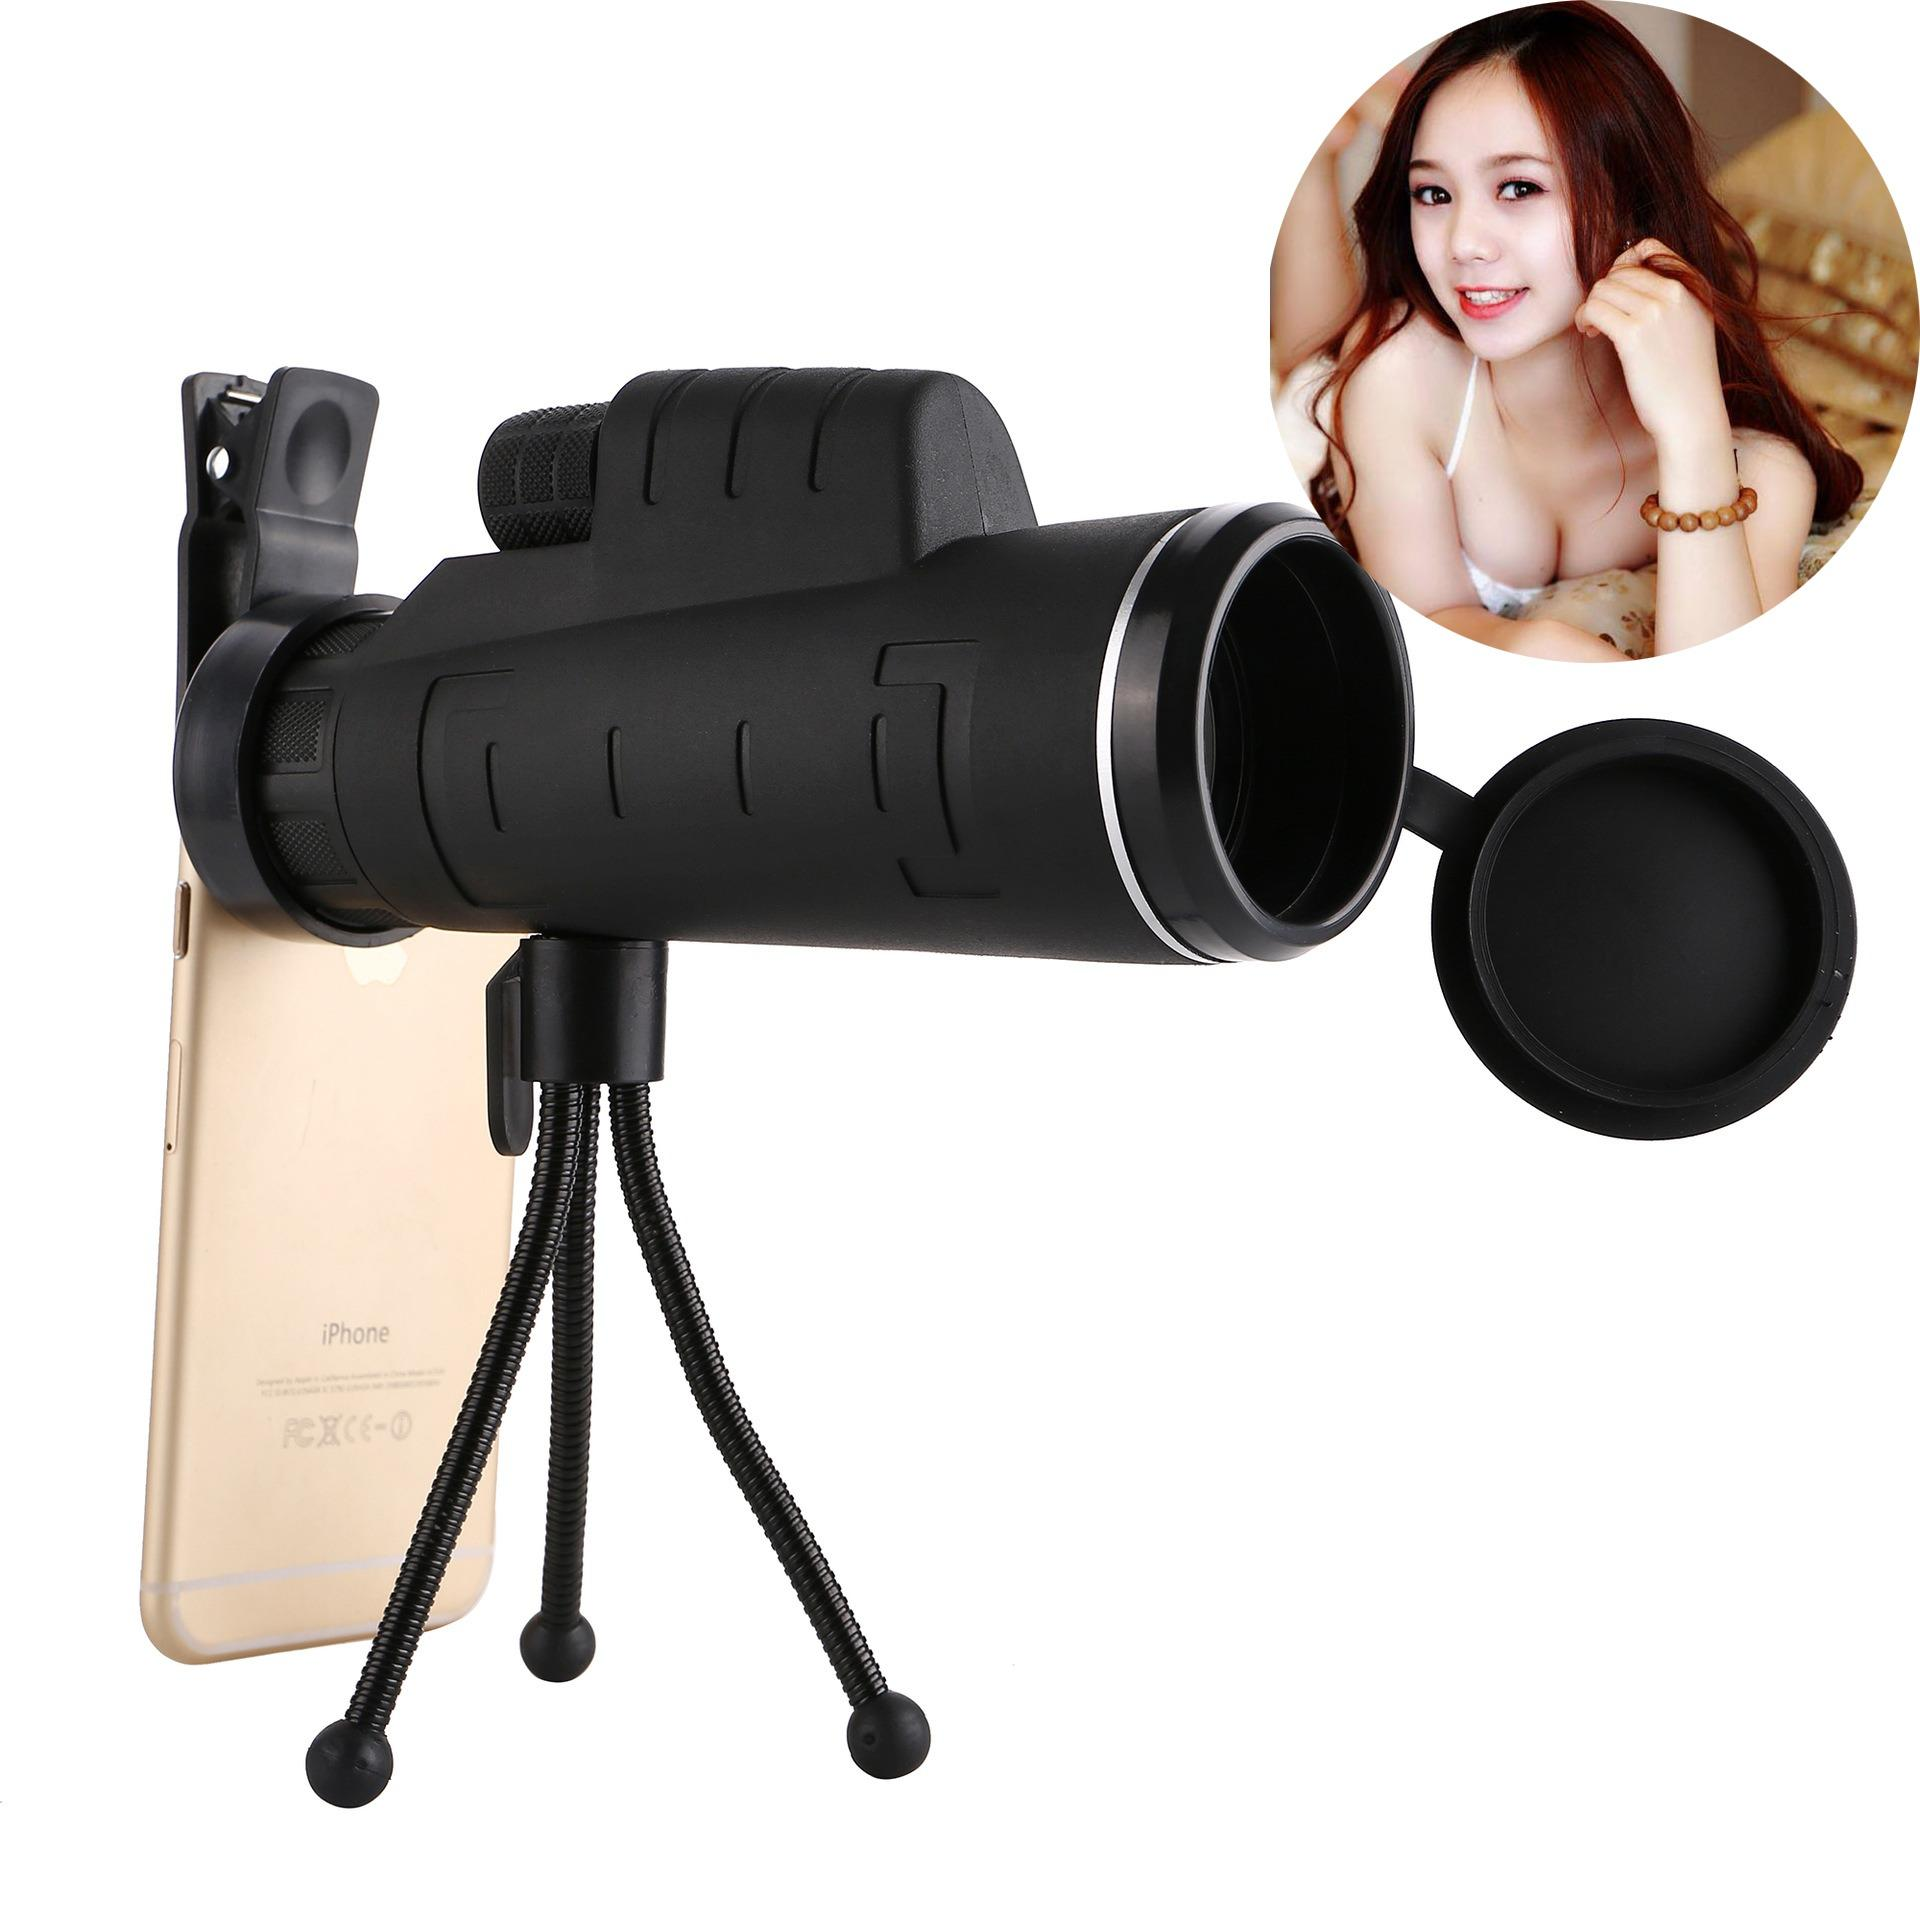 Ống Nhòm Quay Phim Từ Xa, Ống nhòm gắn điện thoại - Hàng chuẩn mắt kính thủy tinh